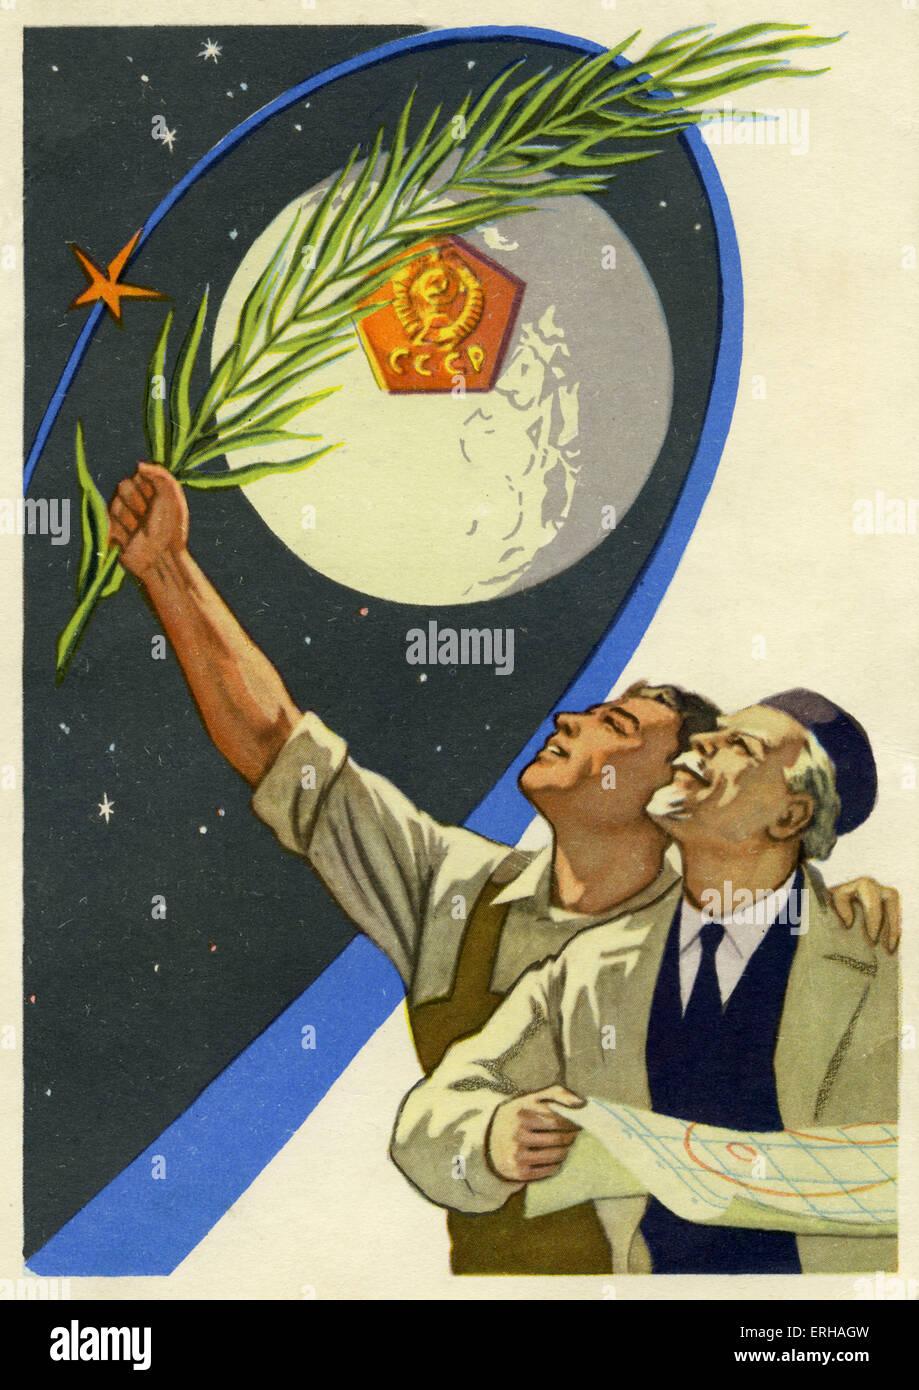 Trabajadores e ingenieros soviéticos en la carrera espacial. El Sputnik, el primer satélite artificial fue lanzado Foto de stock